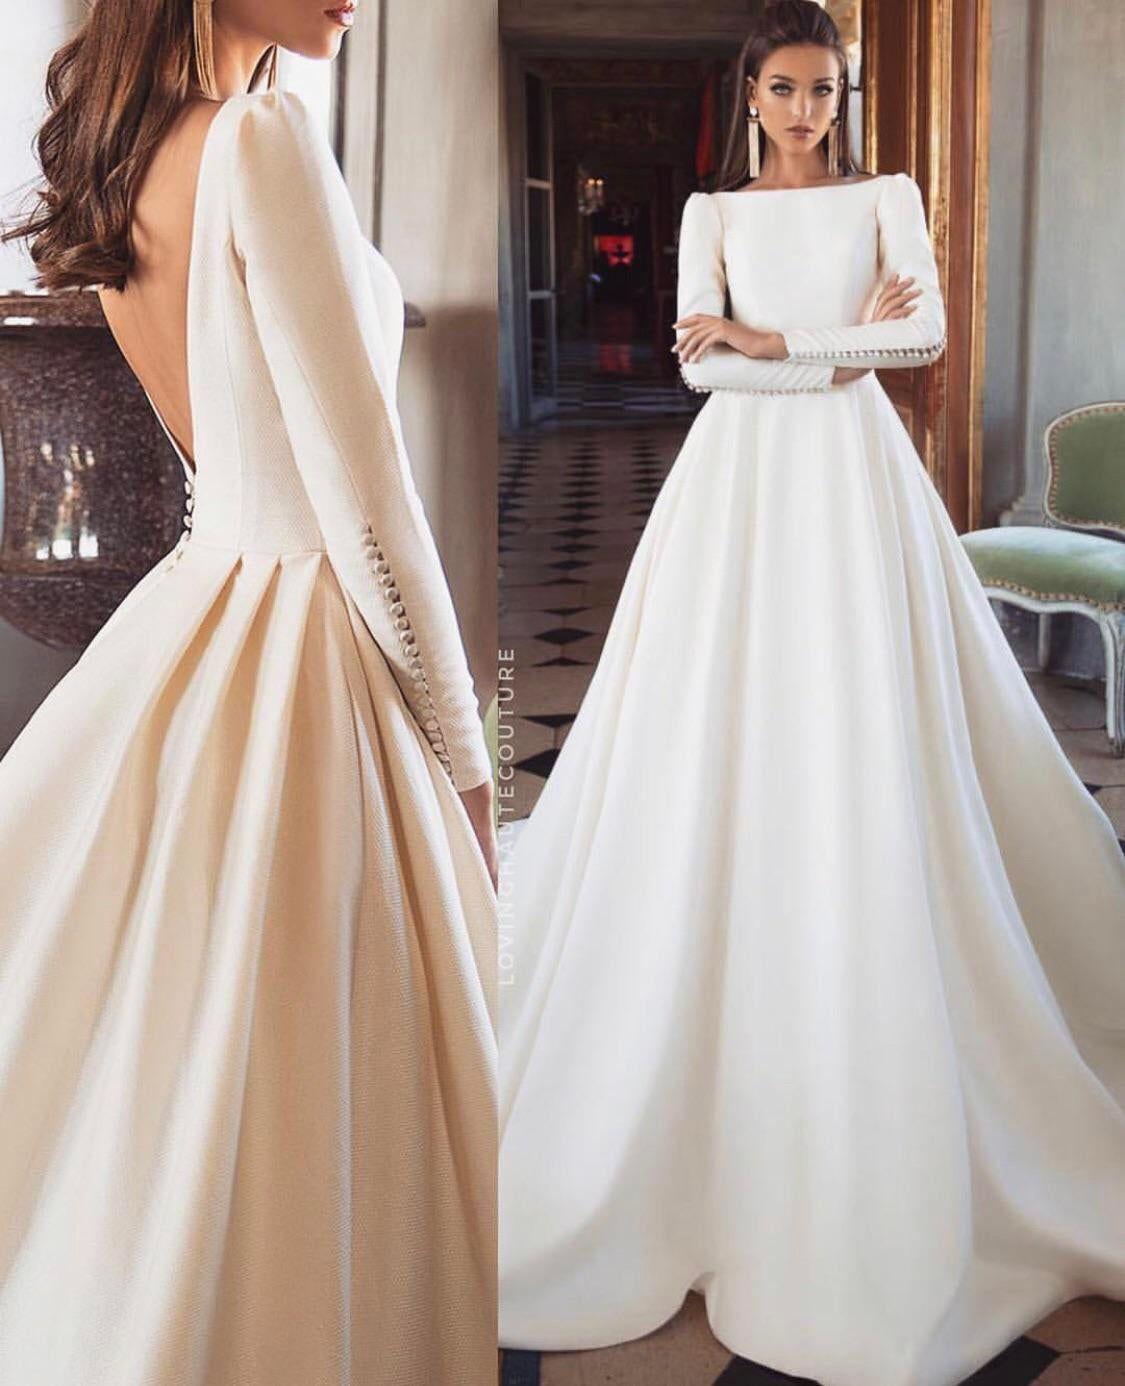 Wo finde ich dieses Kleid!?!? - #haarschnitt kurz #haarschnitt